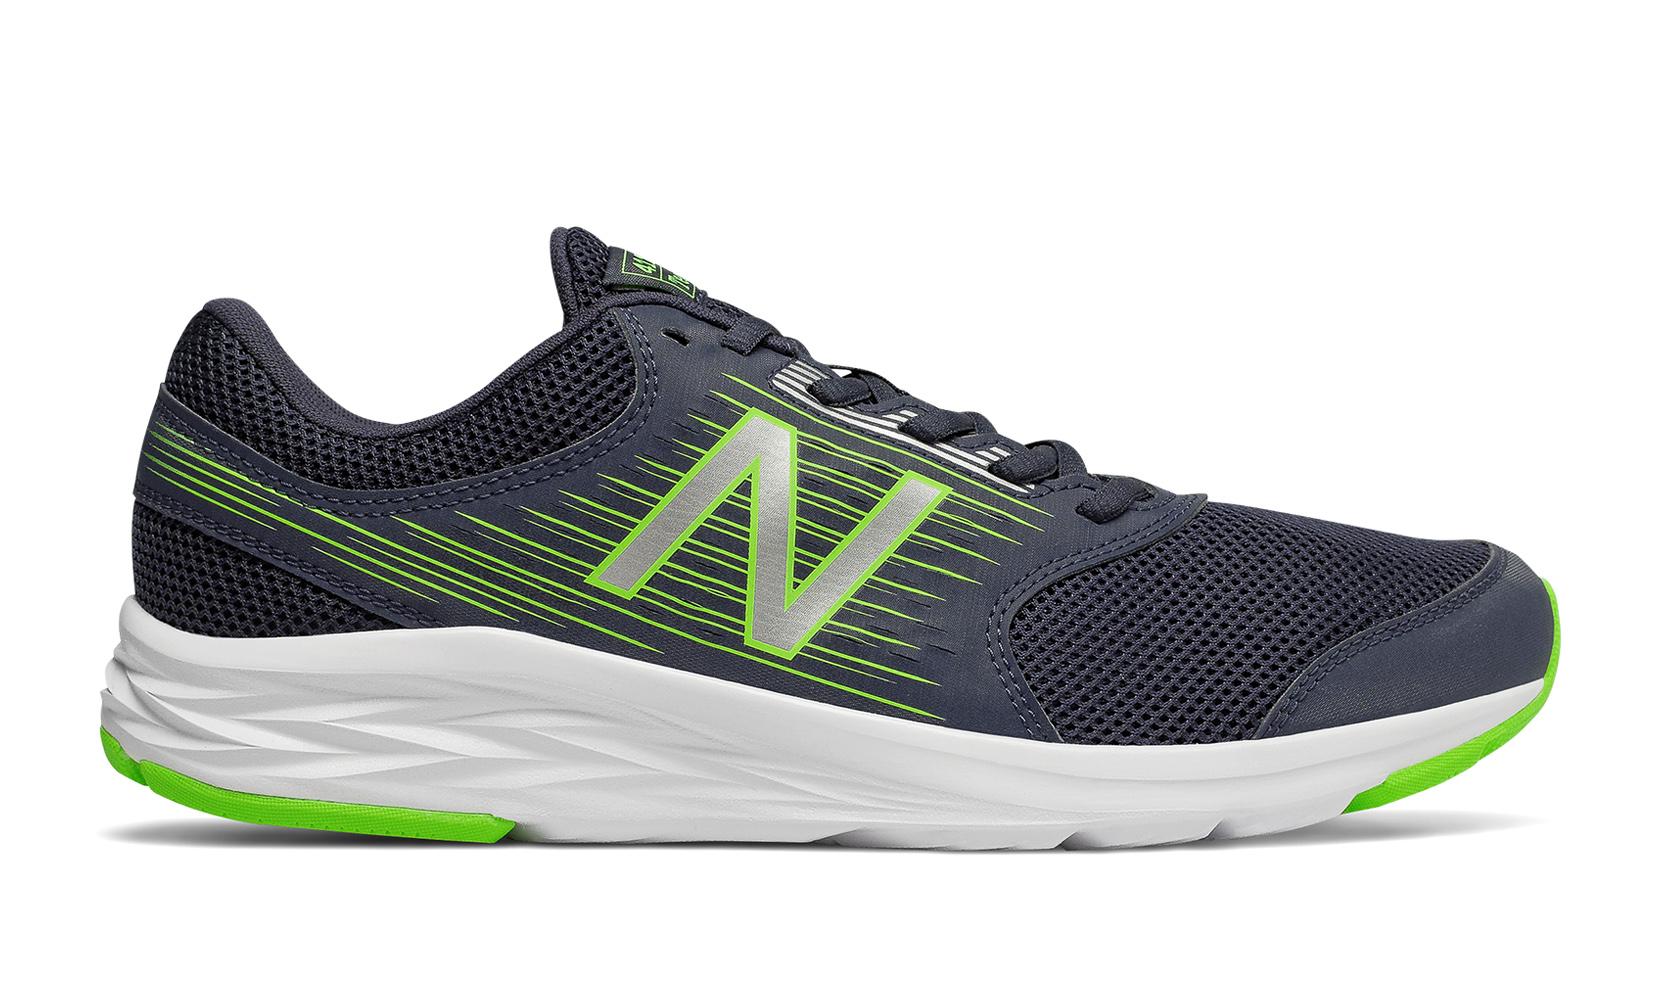 Чоловіче взуття для бігу New Balance 411 TechRide v1 M411LN1 | New Balance